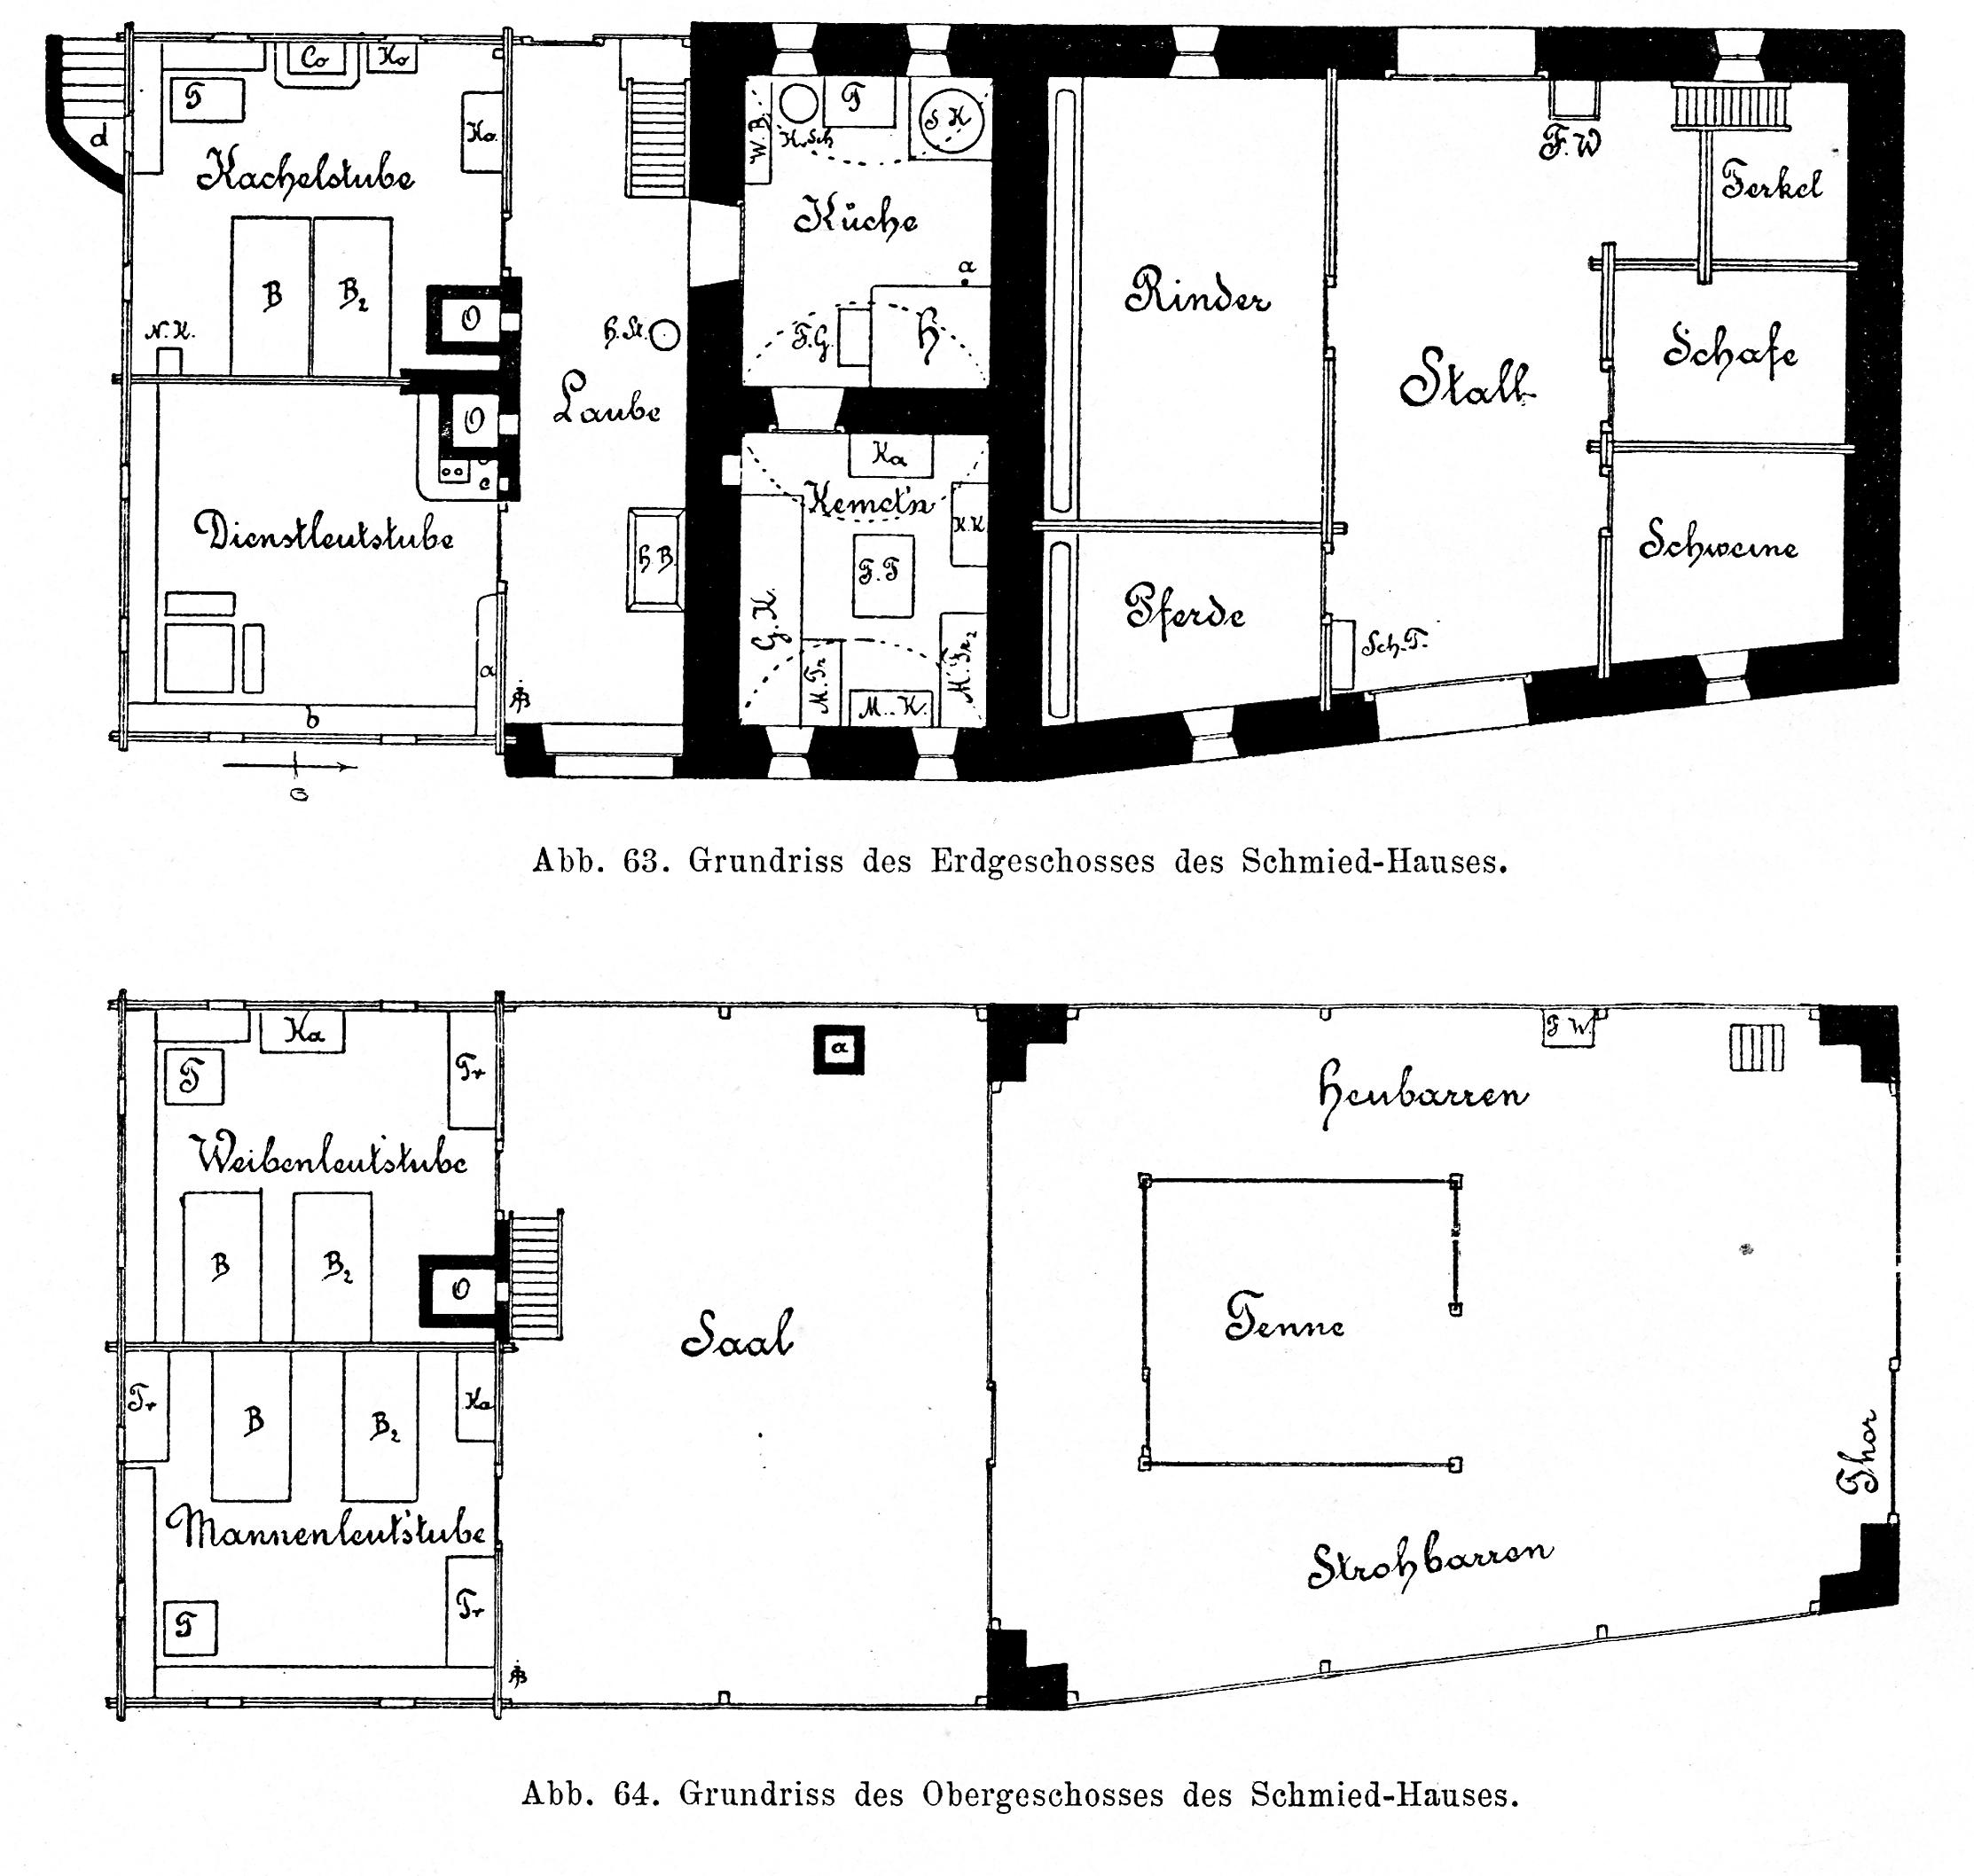 File:Bünker 1902 S 090 Sw Schmied Haus Treffling Grundriss